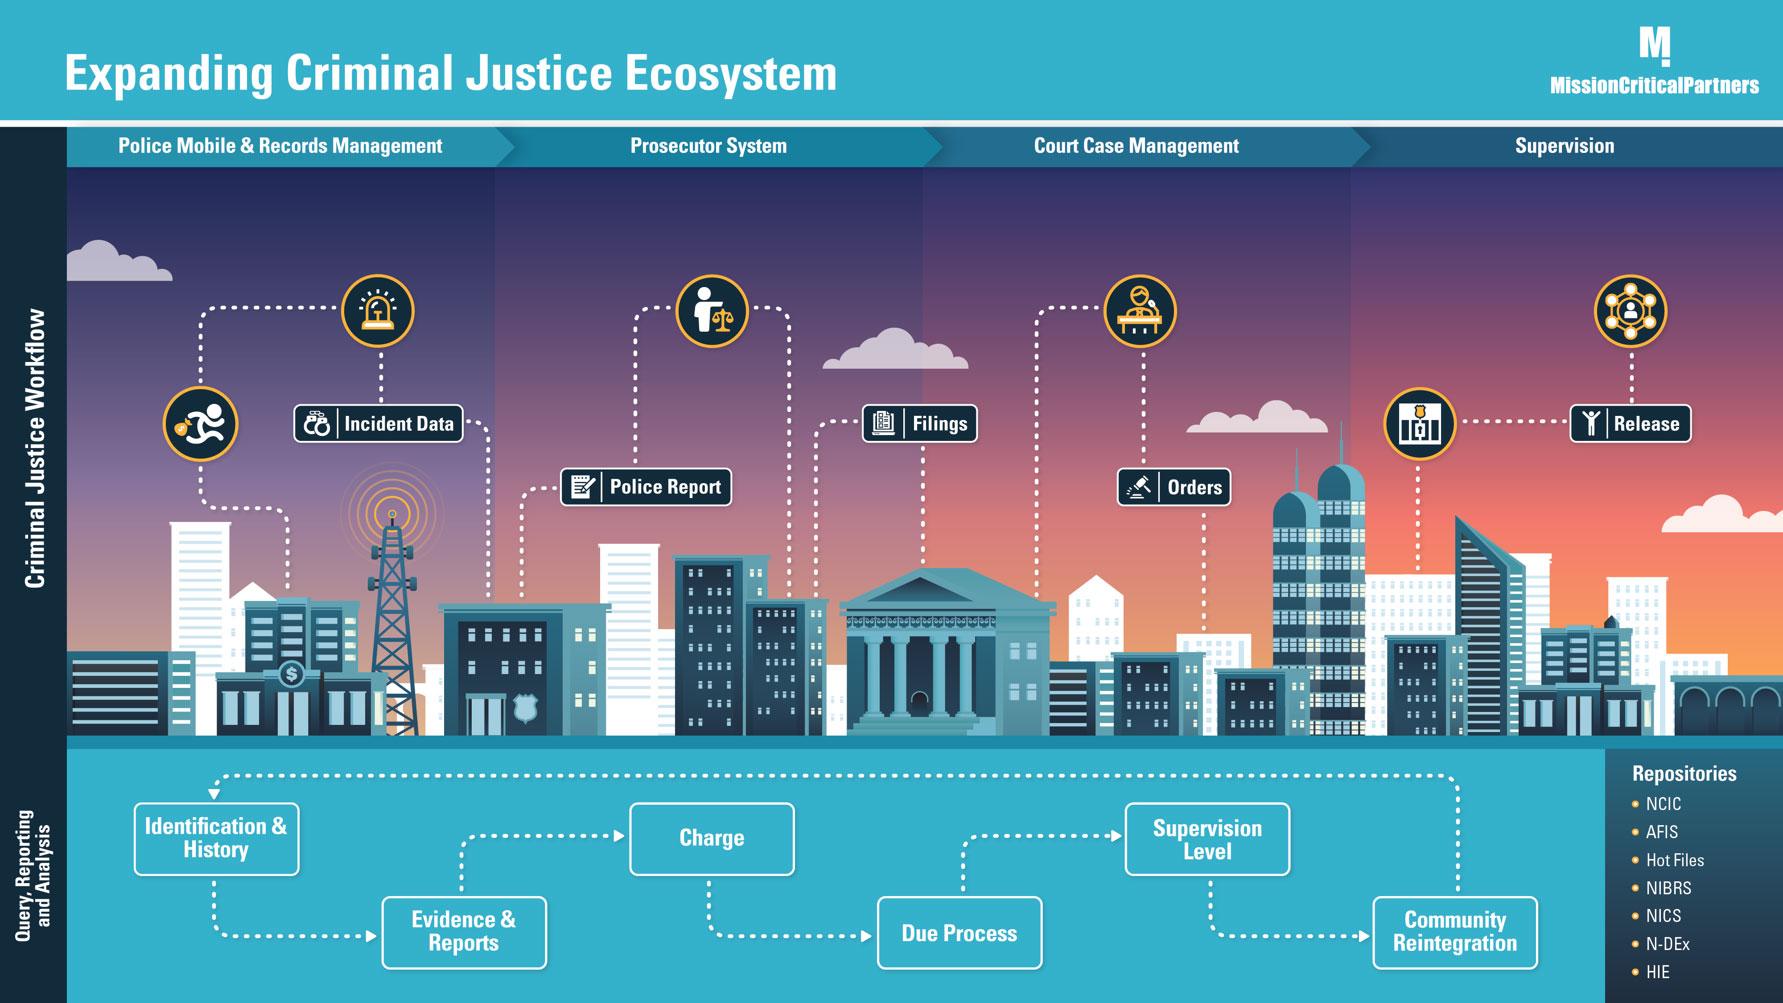 MCP_Expanded_Criminal_Justice_Ecosystem_Slide_2020_60